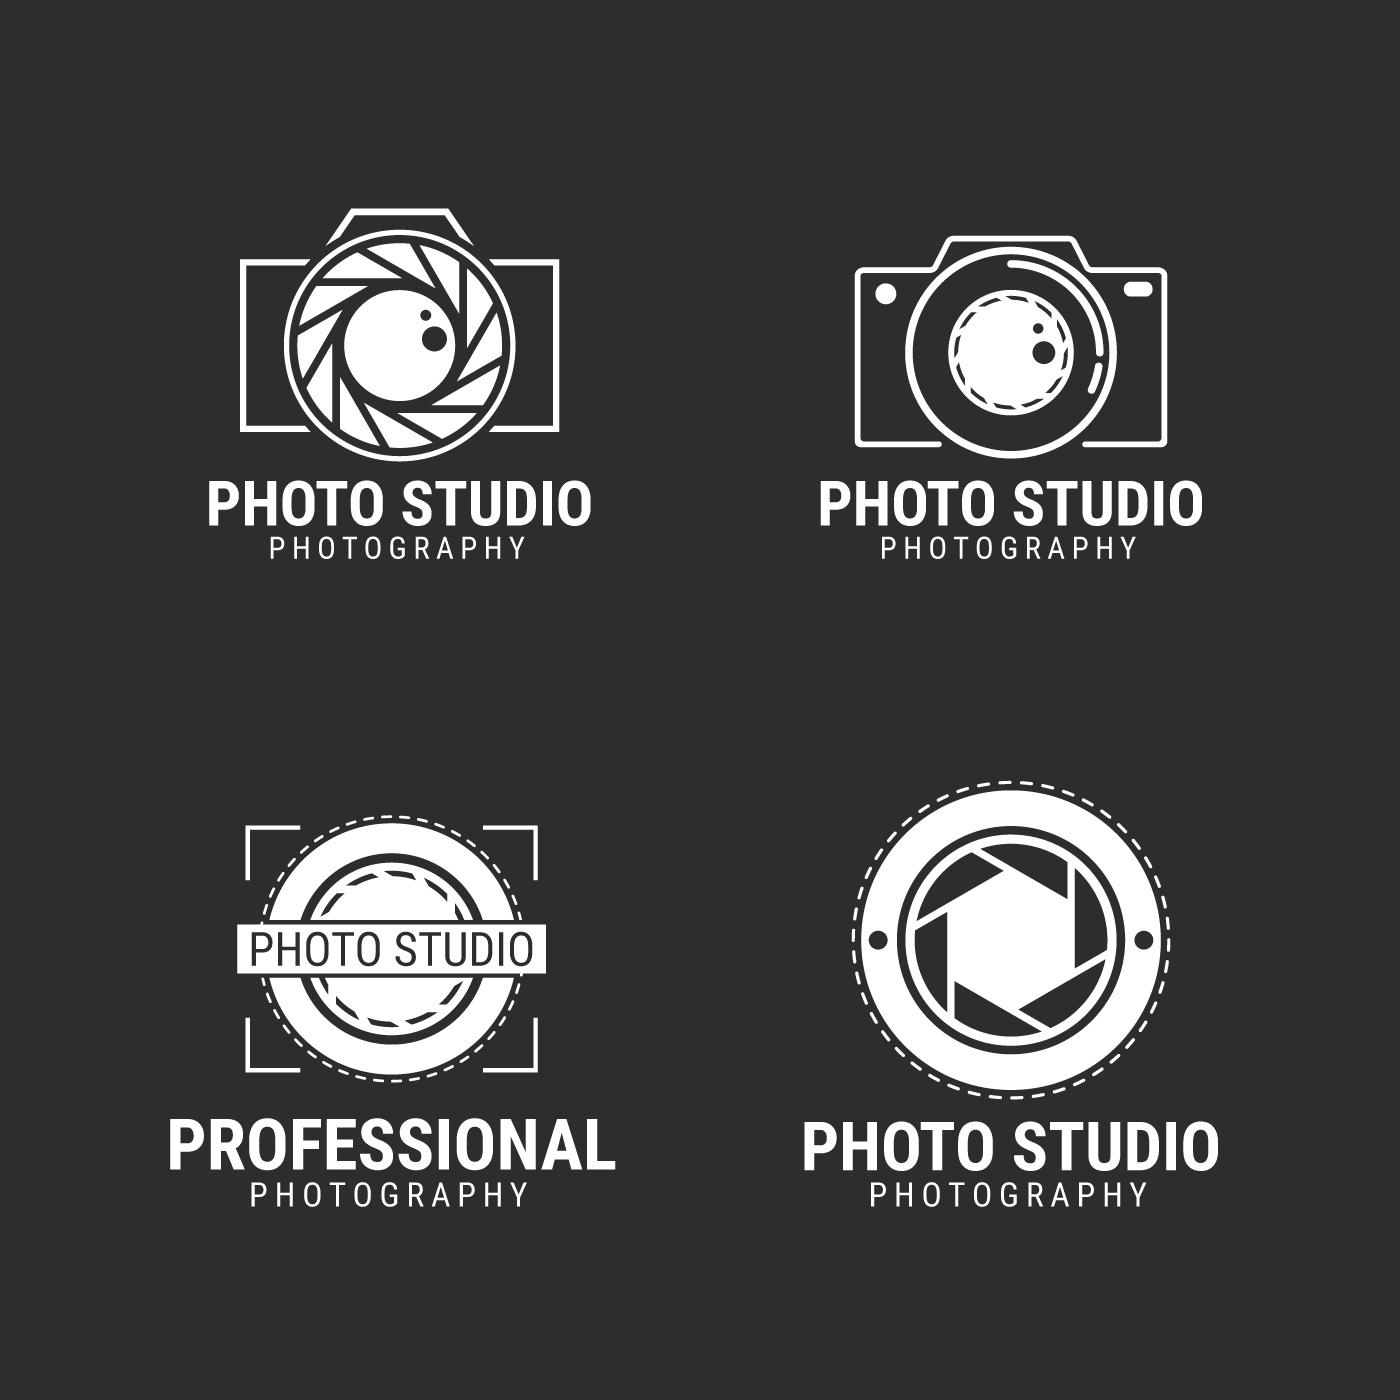 Hipster Design Studio Logo Vector: Photographer Logo Vector Collection